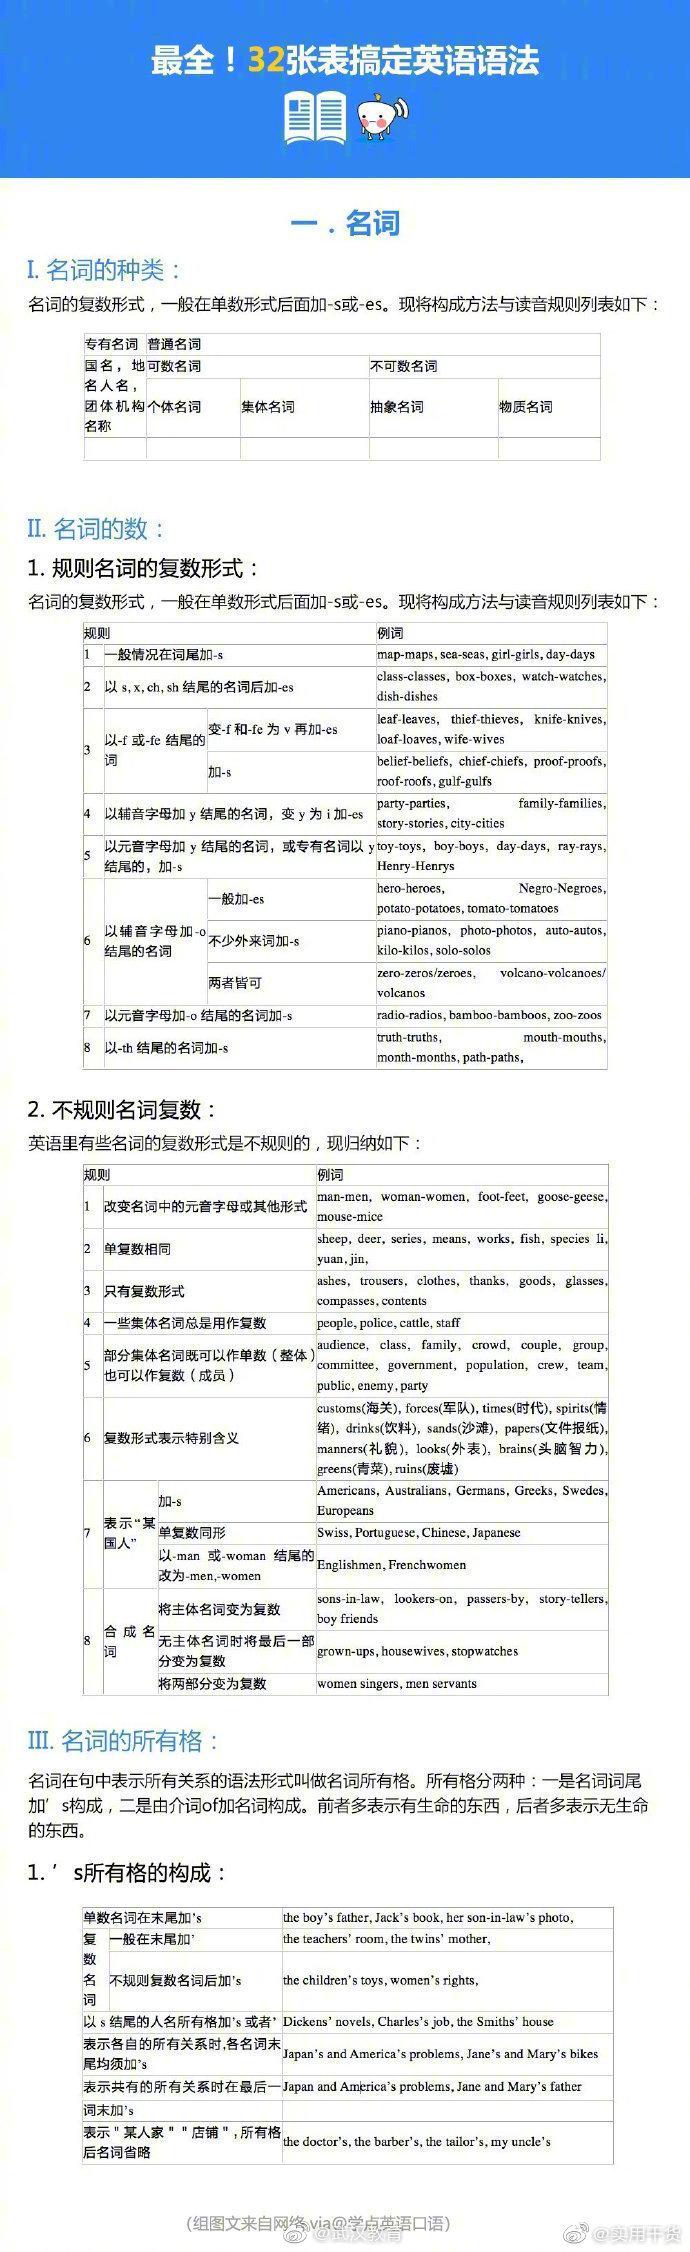 32张表格,13个重点语法知识讲解,搞定英语语法~